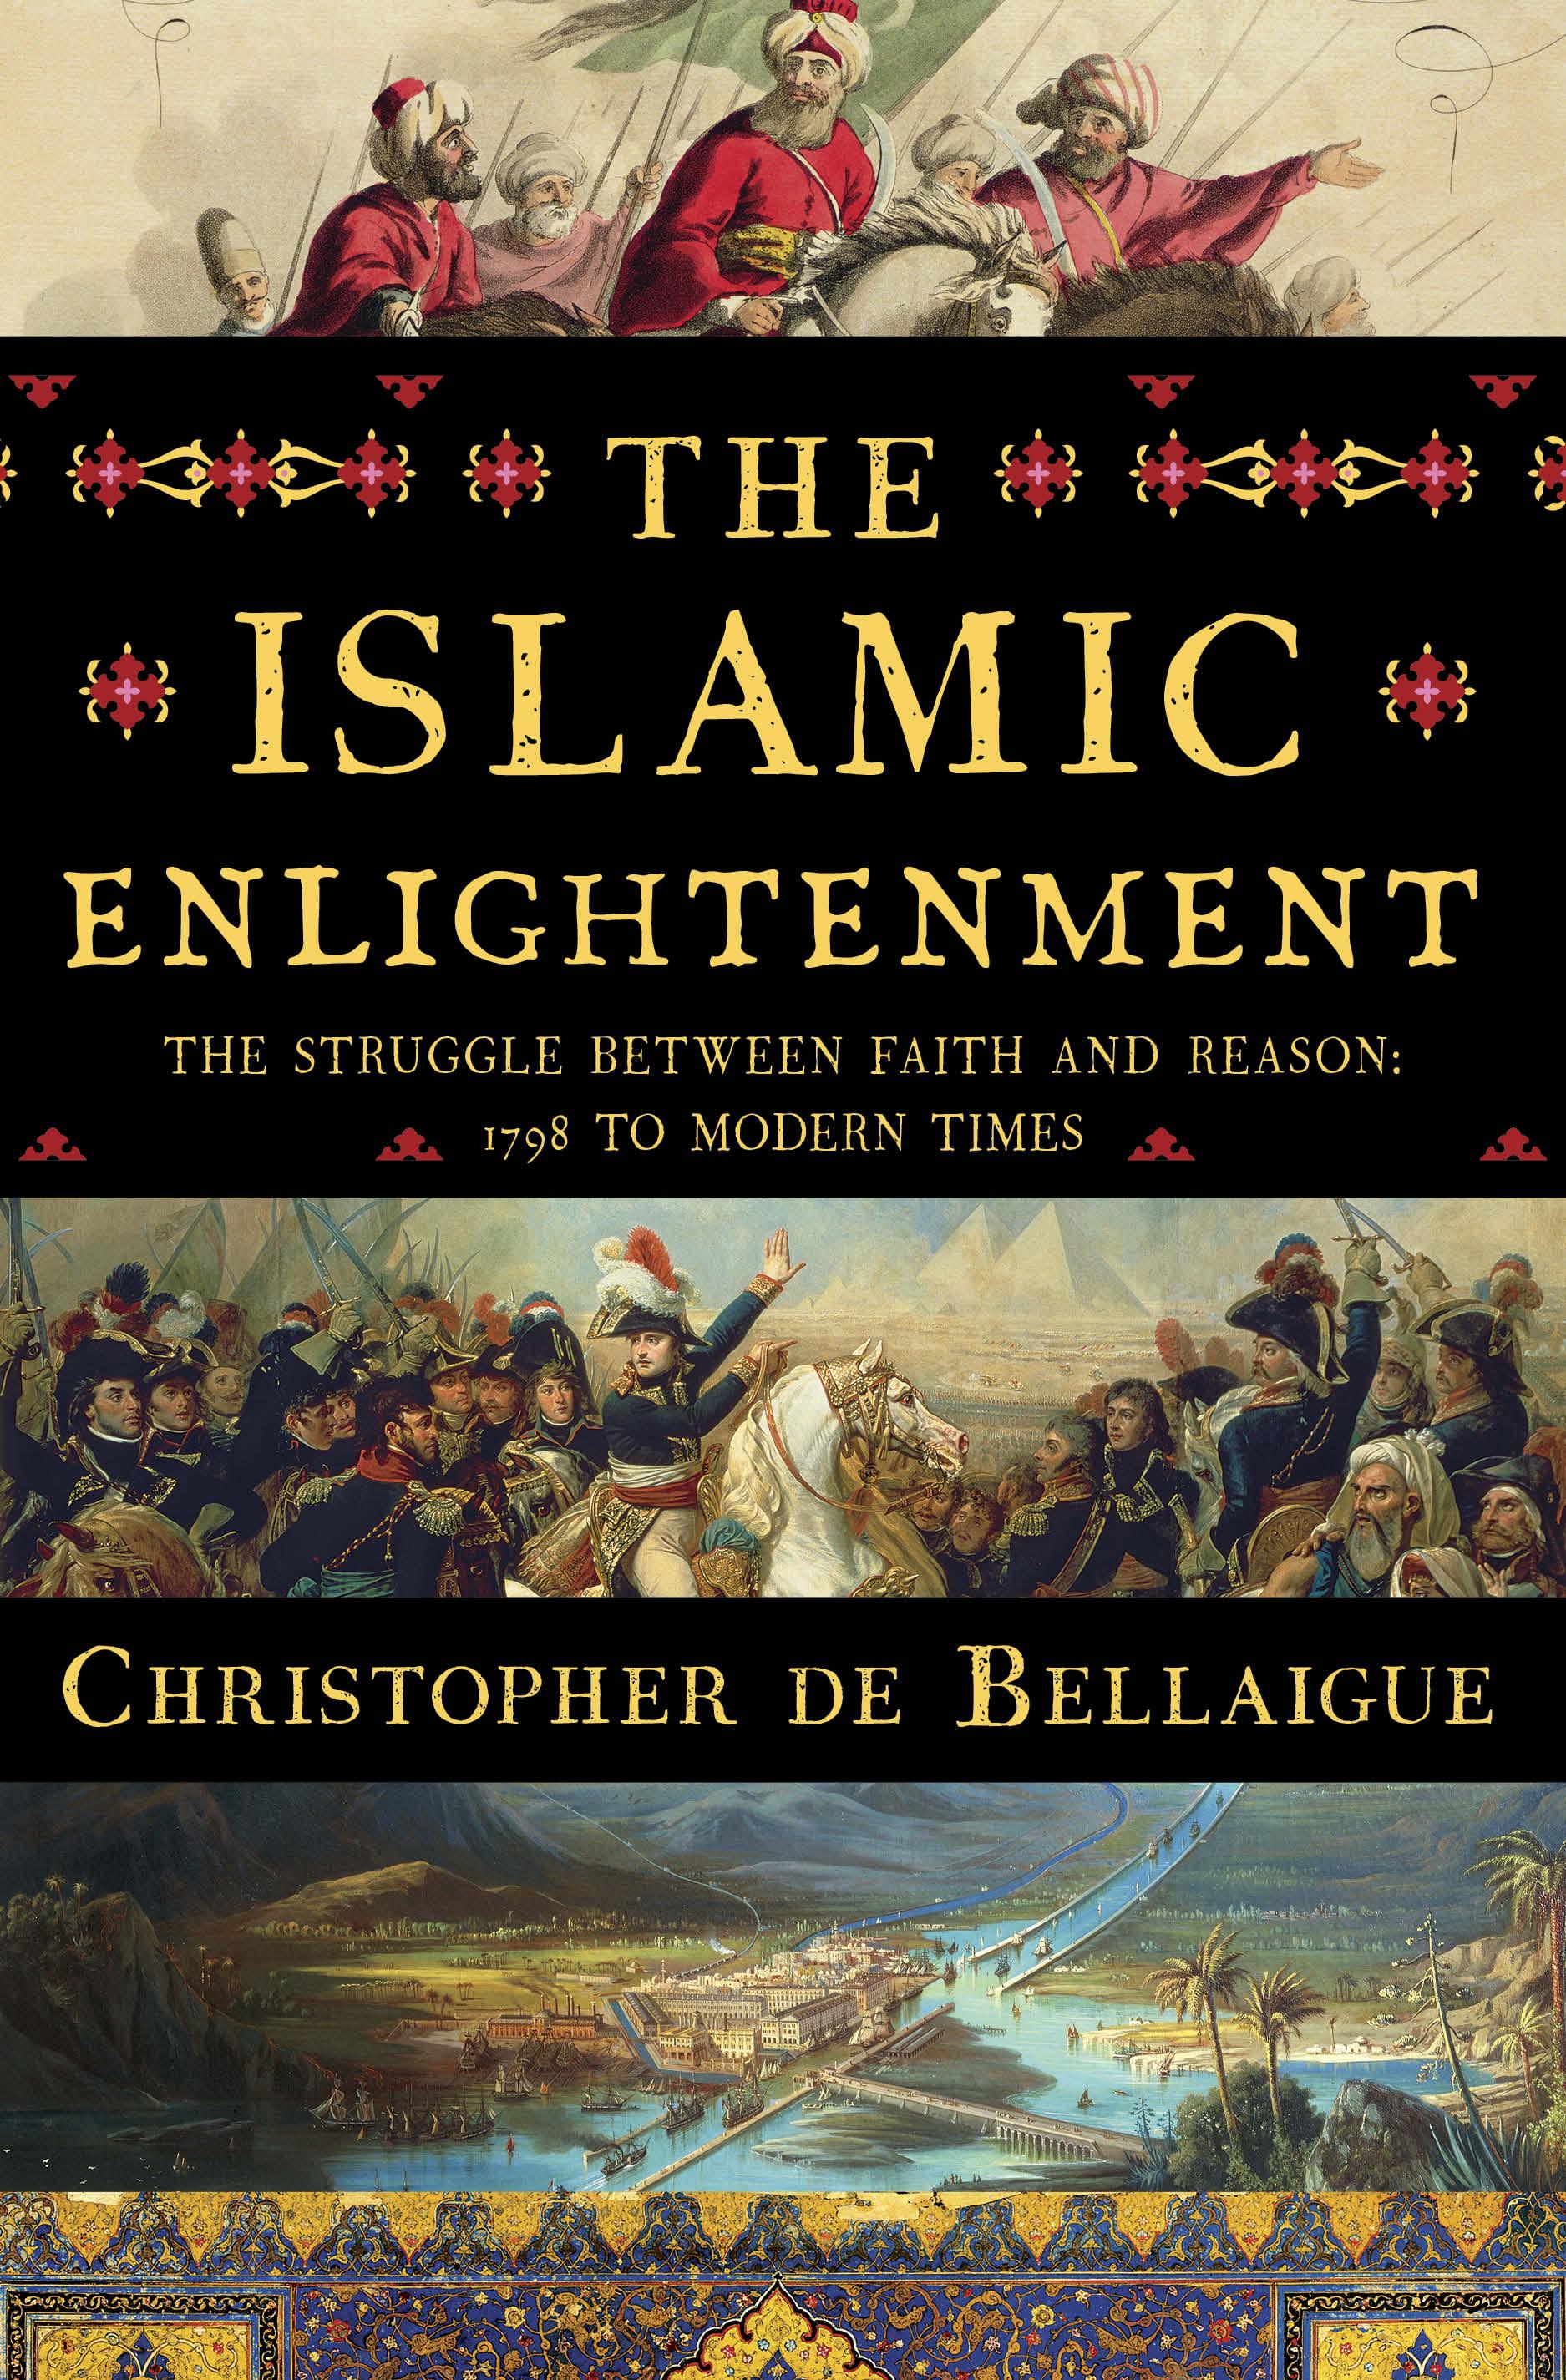 IslamicEnlightenment_978-0-87140-373-5.jpg